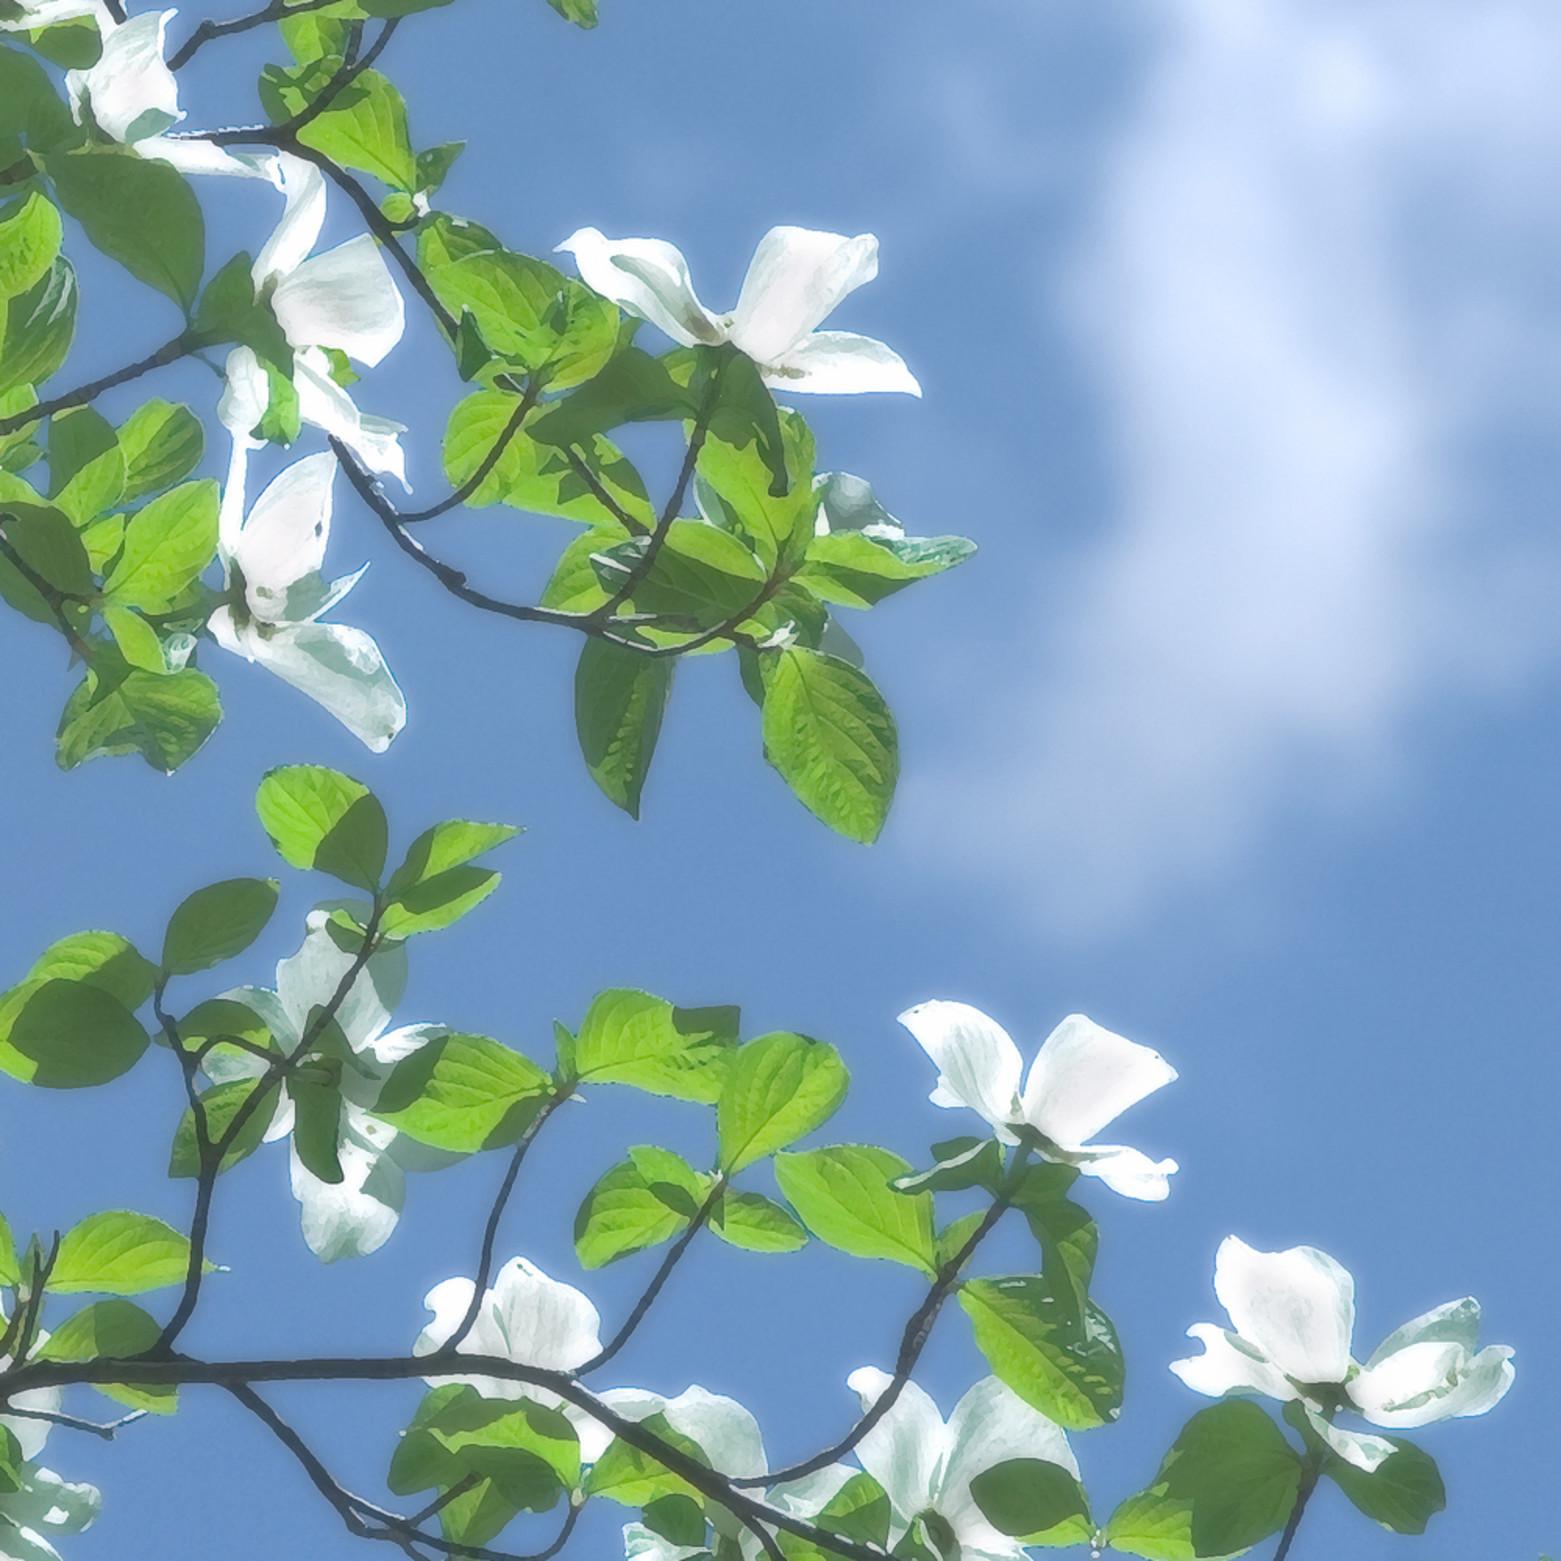 Dogwood blossoms v jgnijg